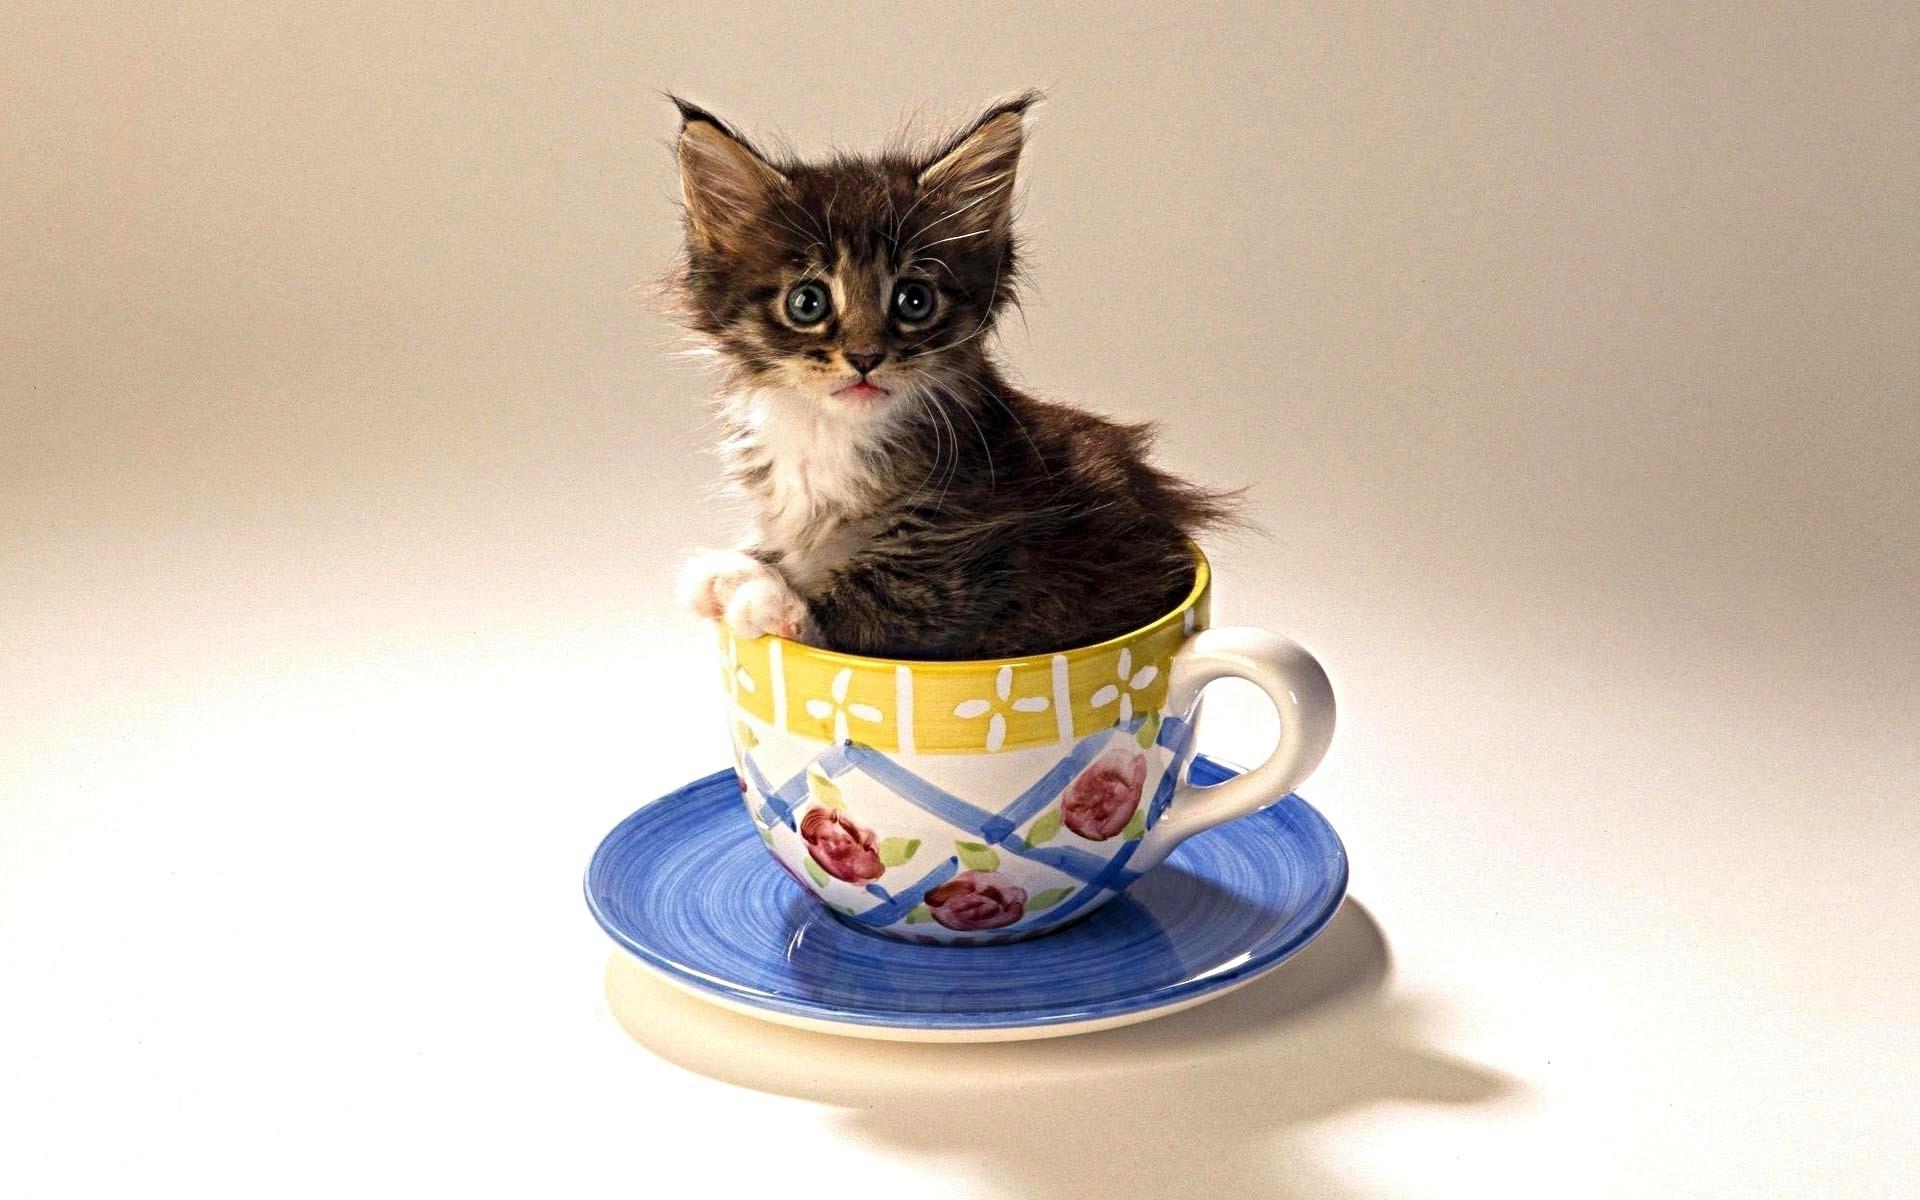 Открытки с котами и добрым утром, гифка денис черышев